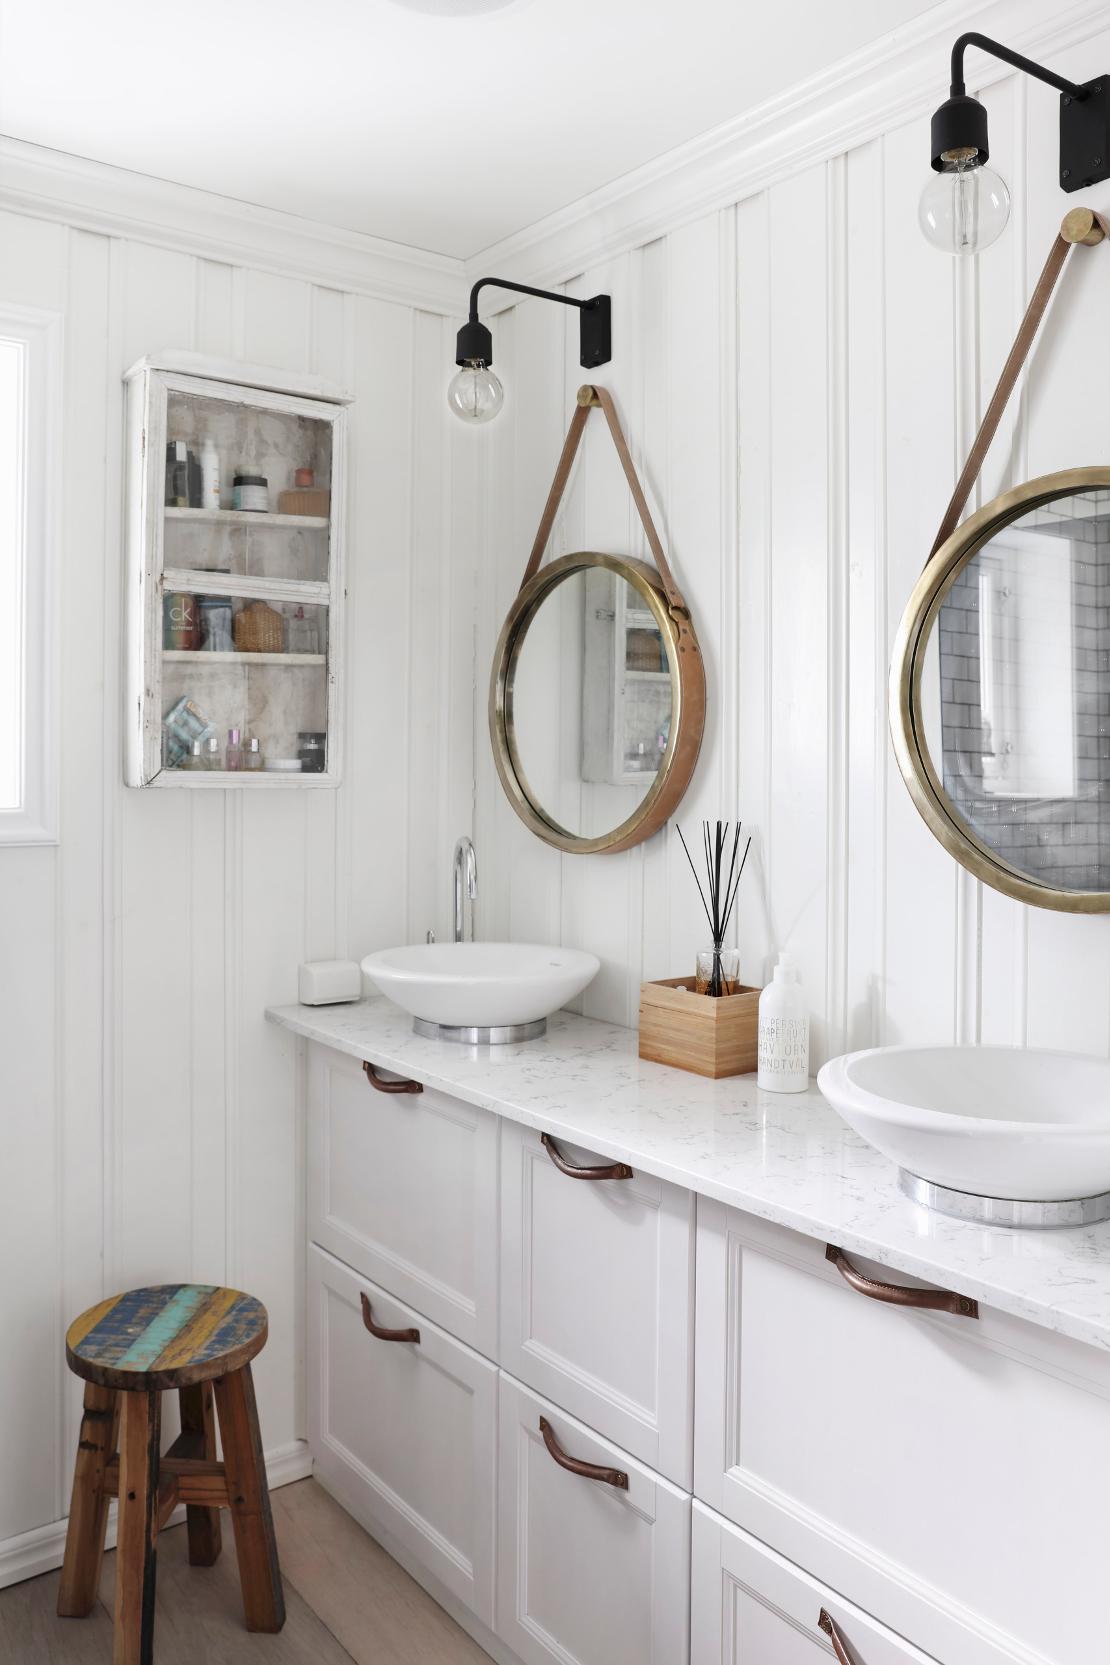 idee per il bagno come cambiare look westwing magazine